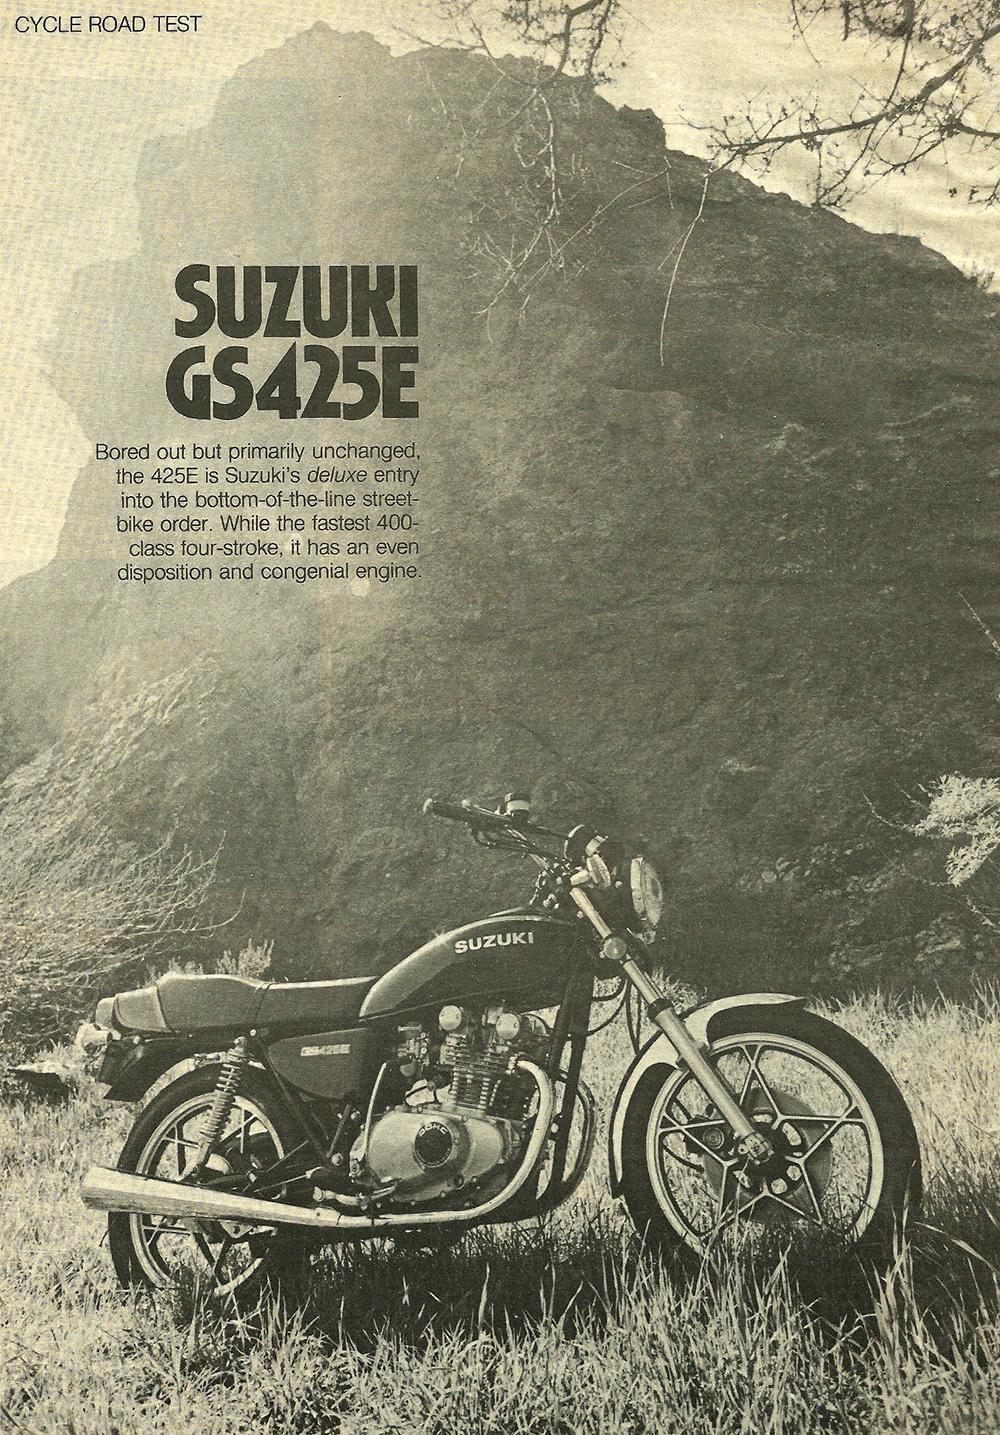 1979 Suzuki GS425E road test 01.jpg